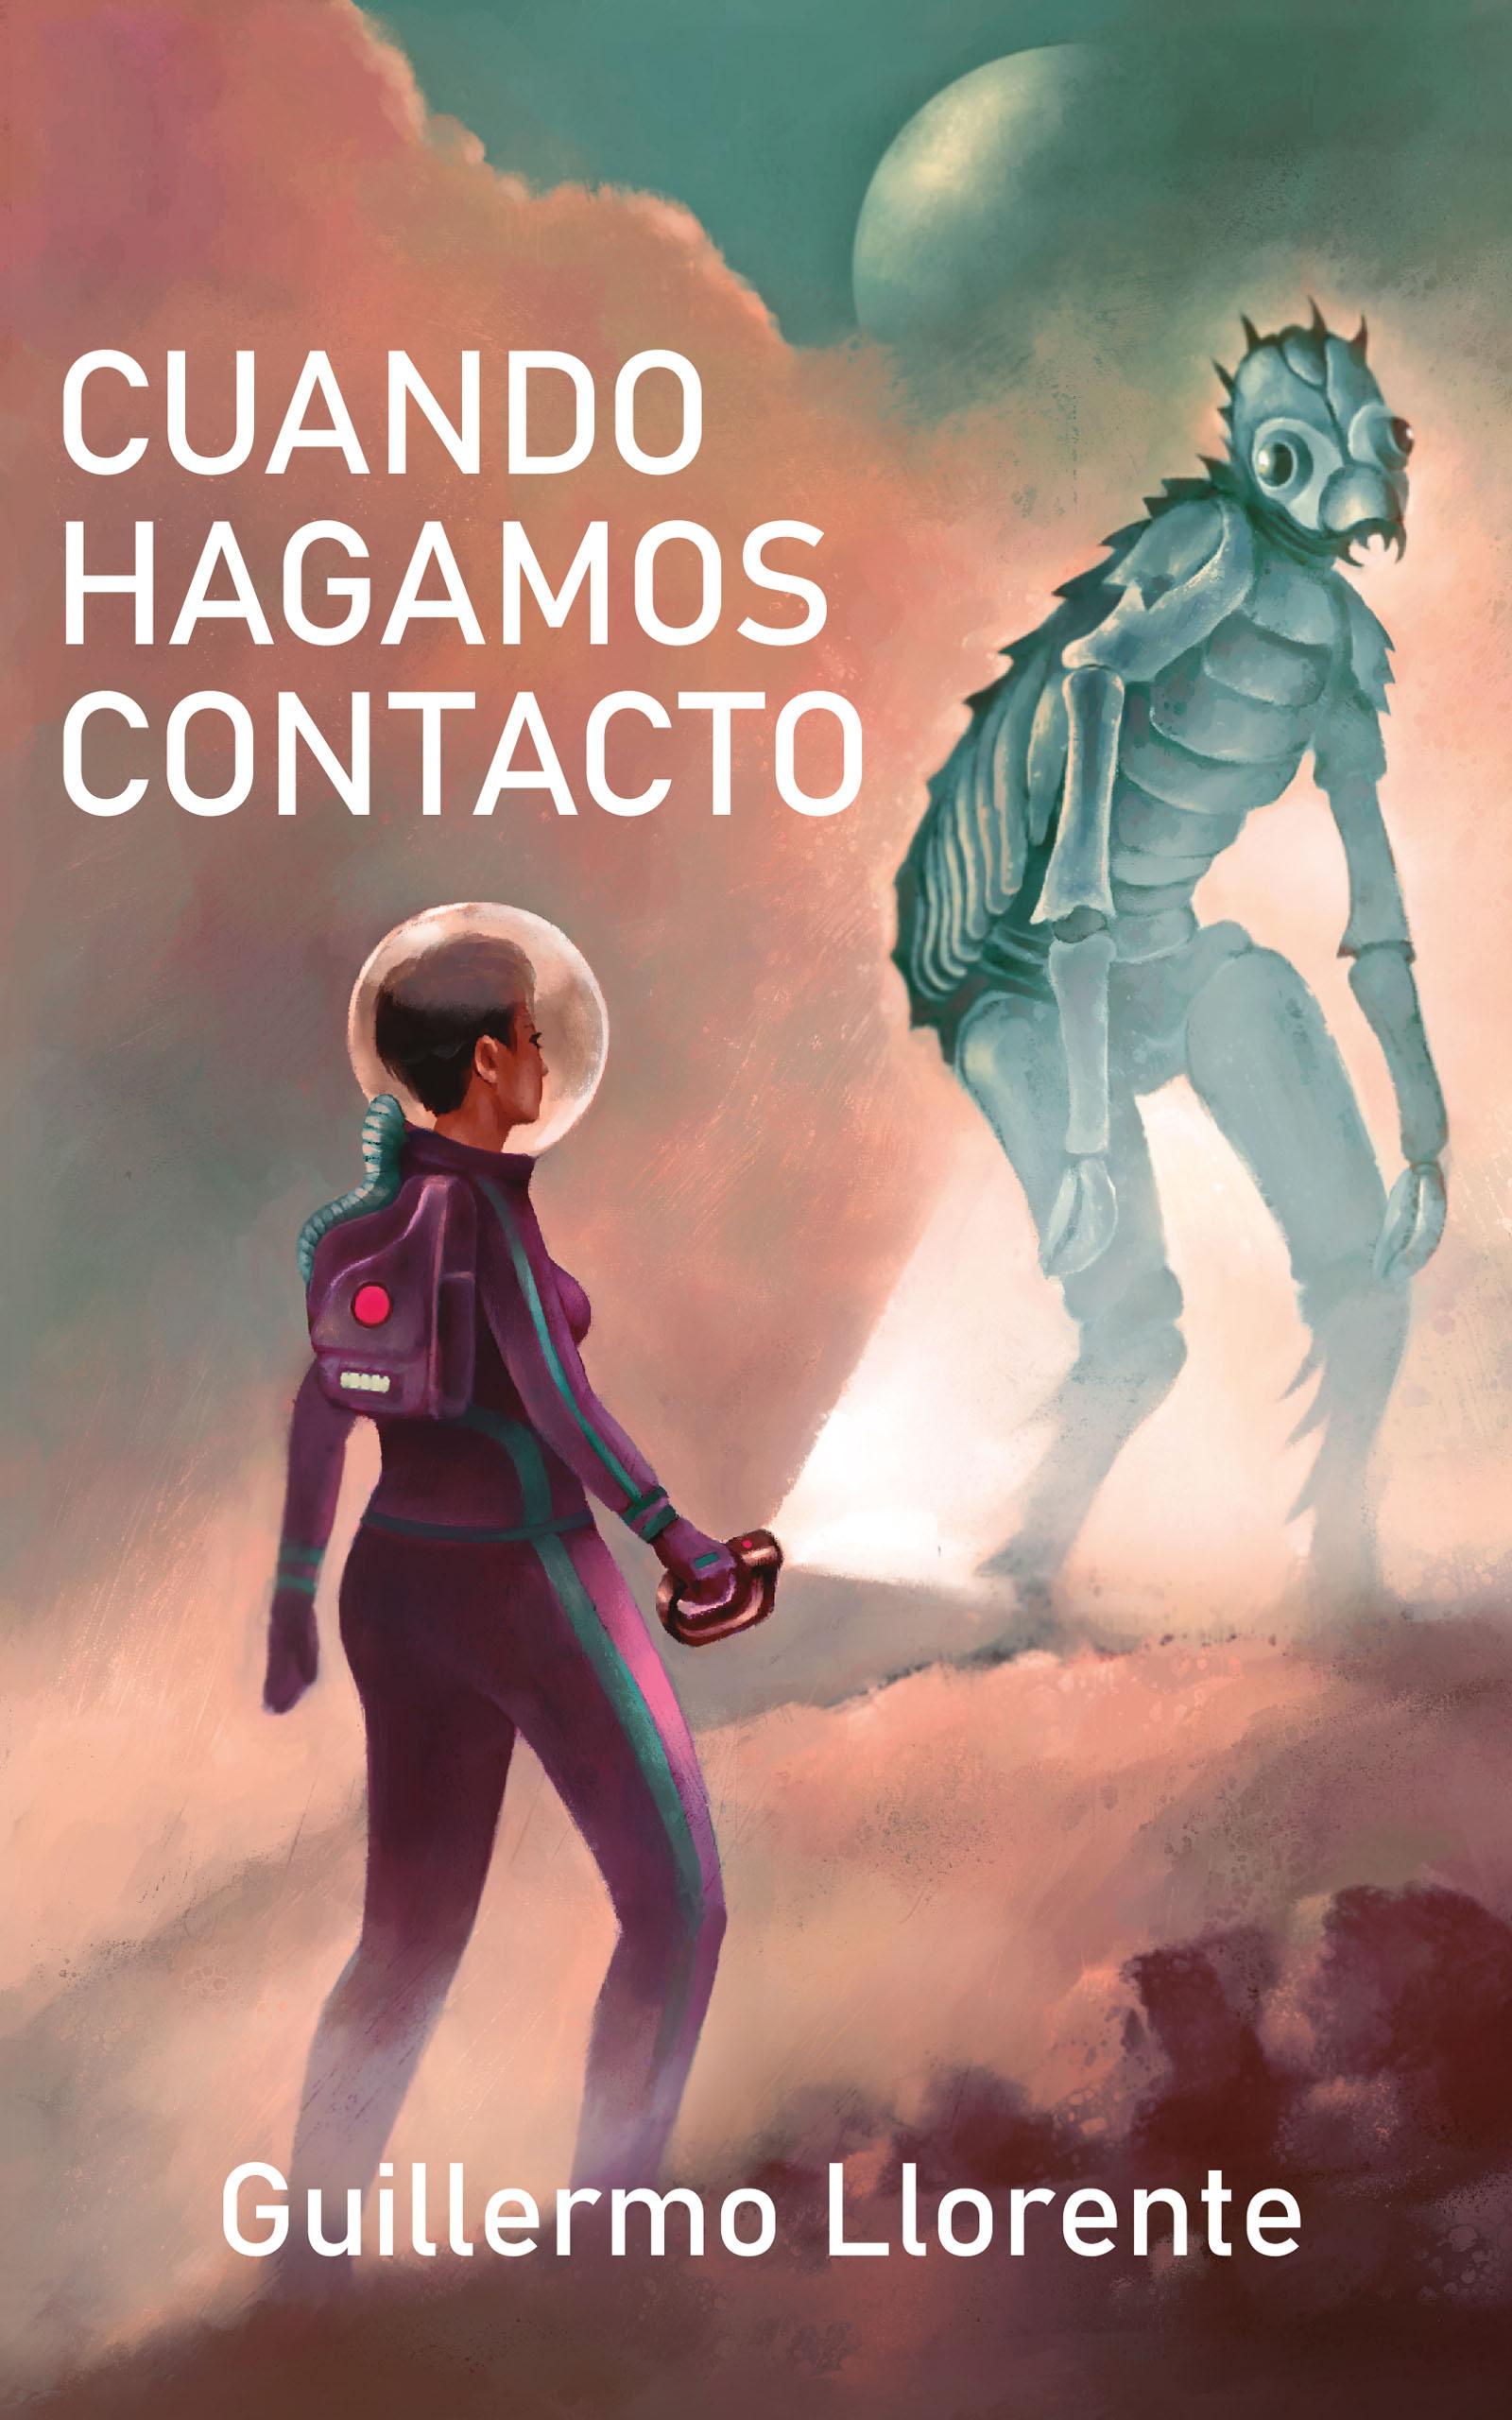 Cuando hagamos contacto, de Guillermo Llorente